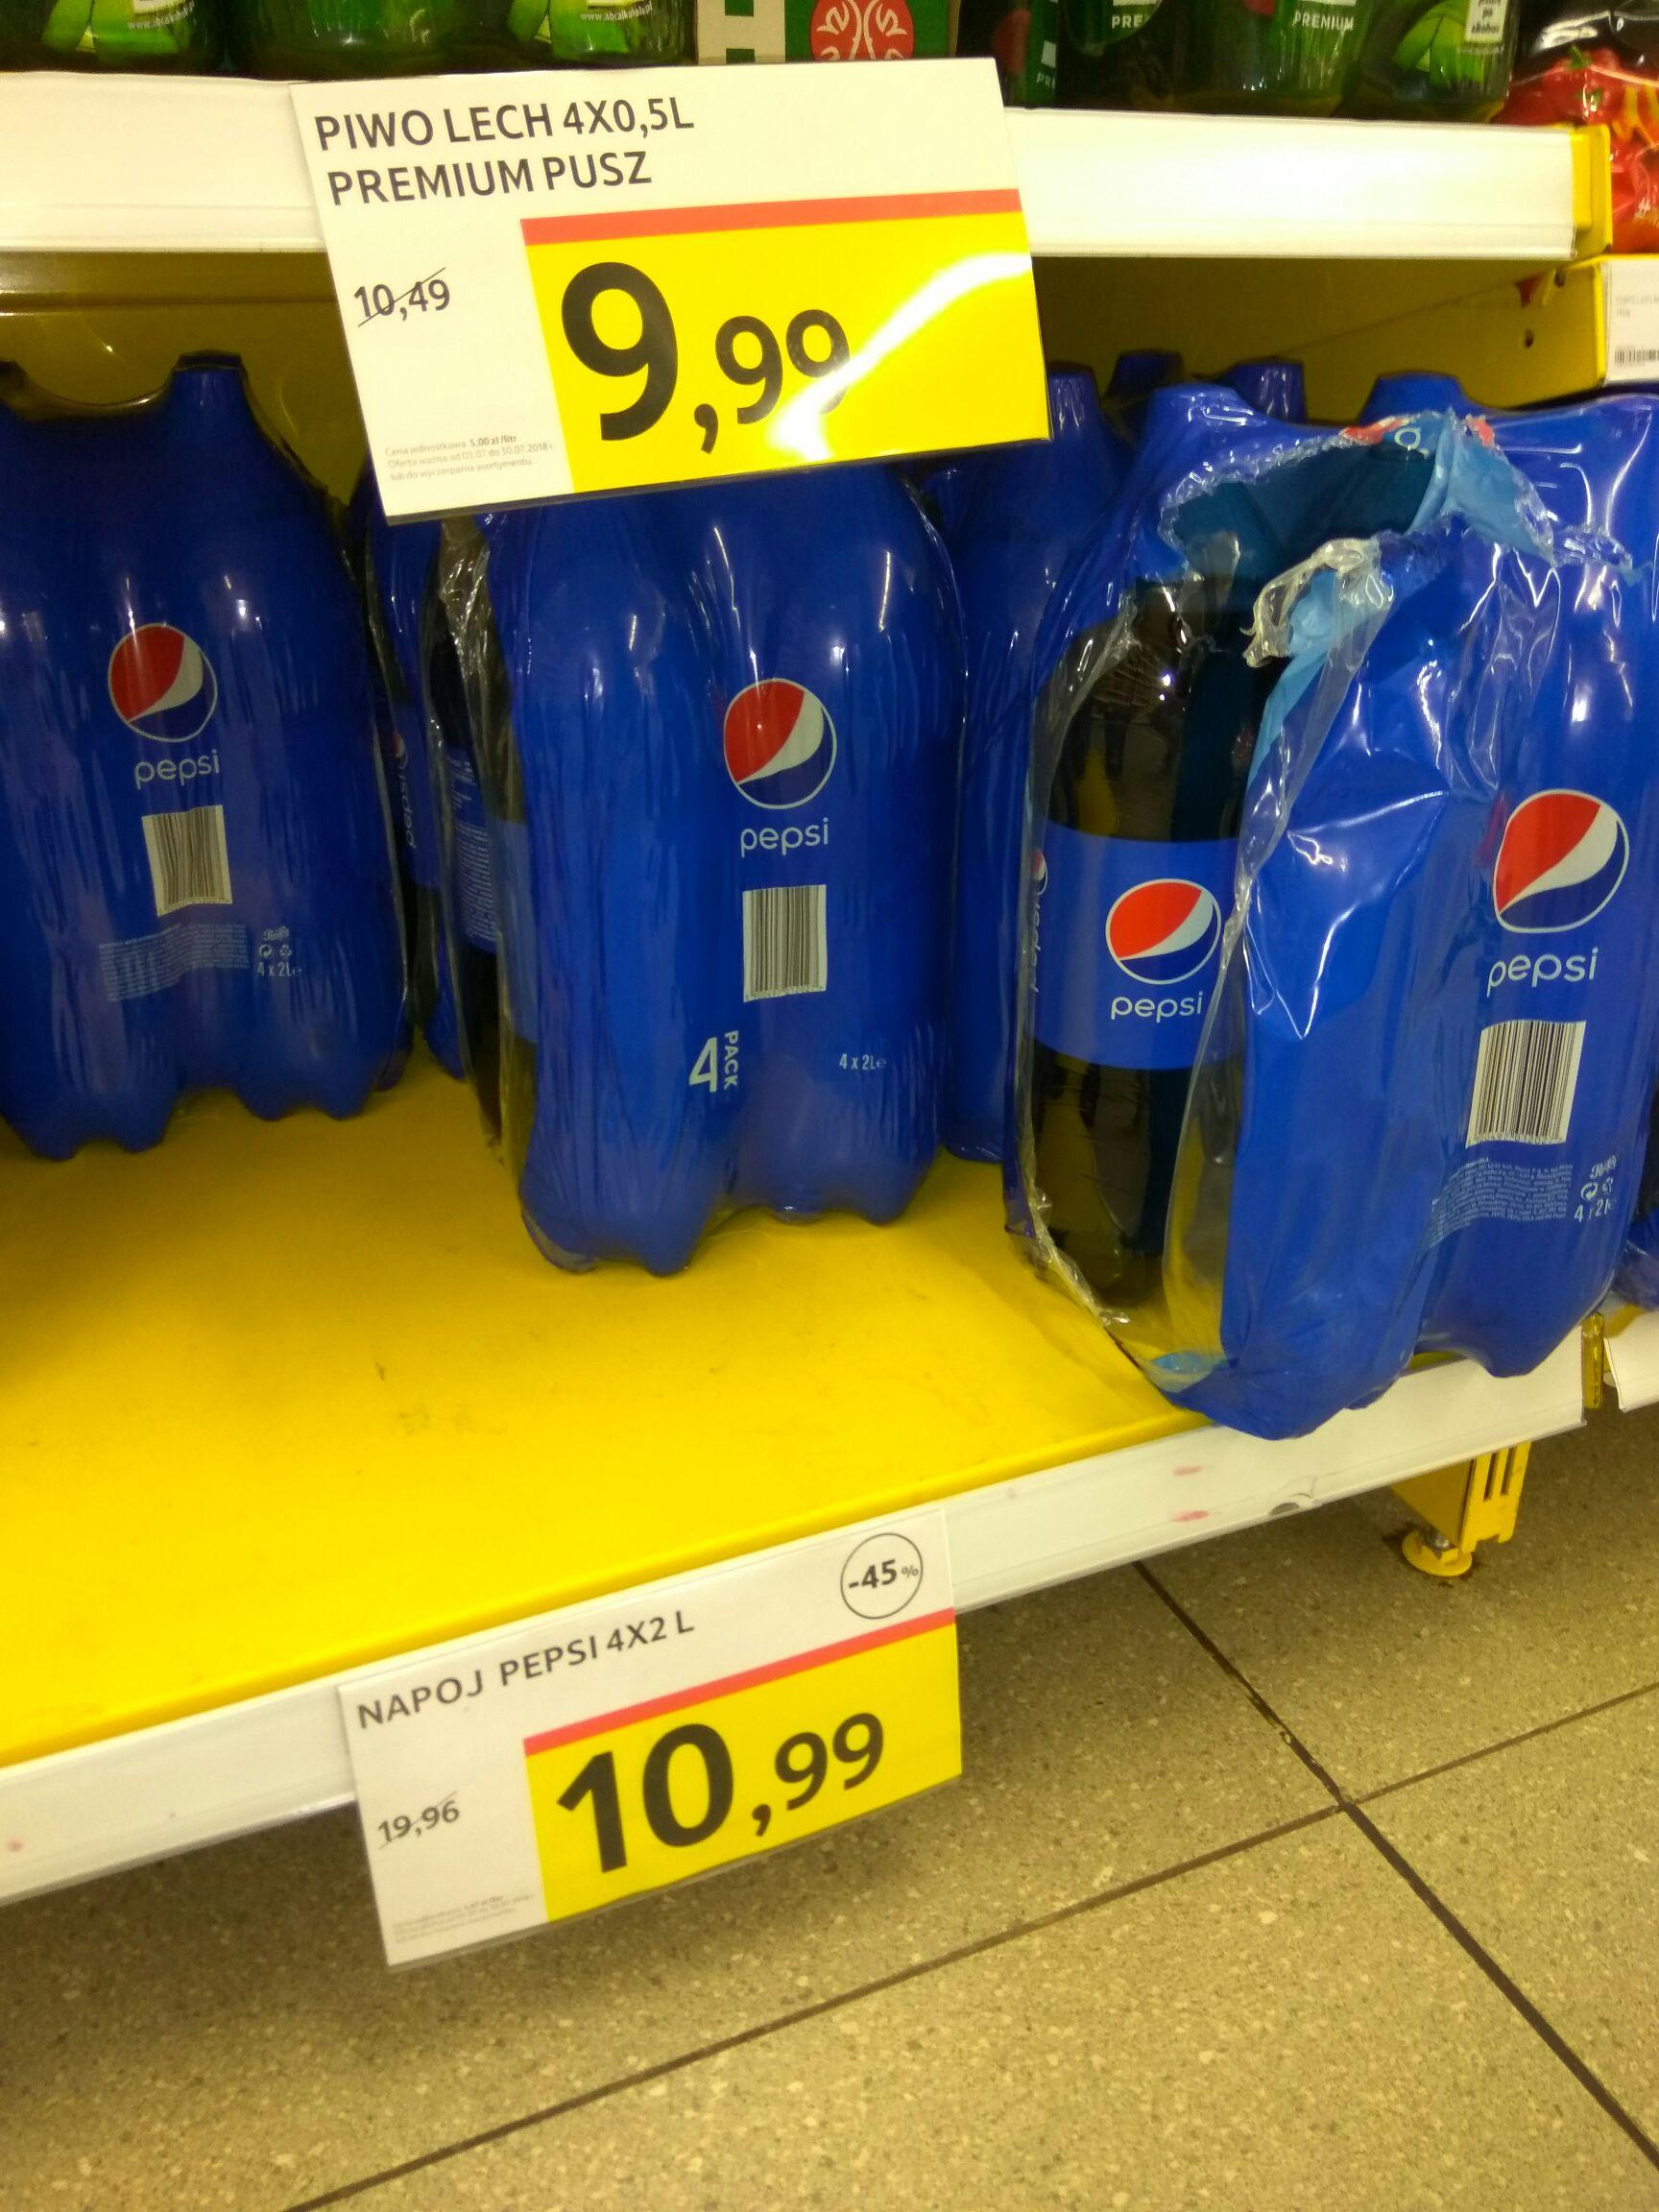 Pepsi 4 x 2L